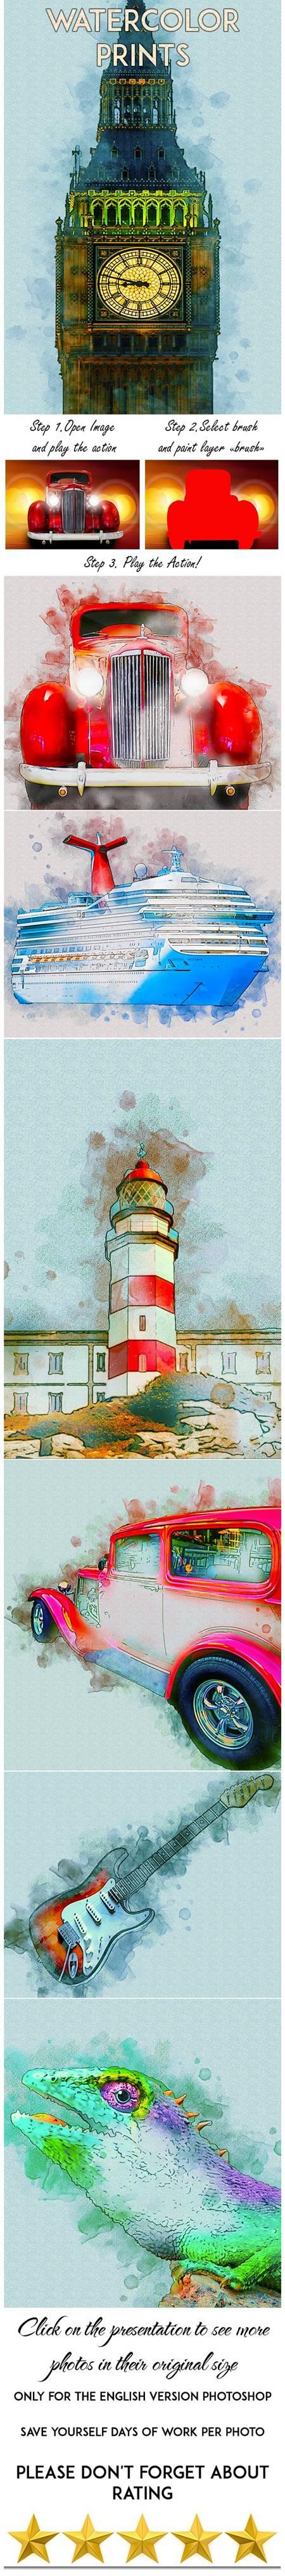 Watercolor Prints Photoshop Action 29424898 1